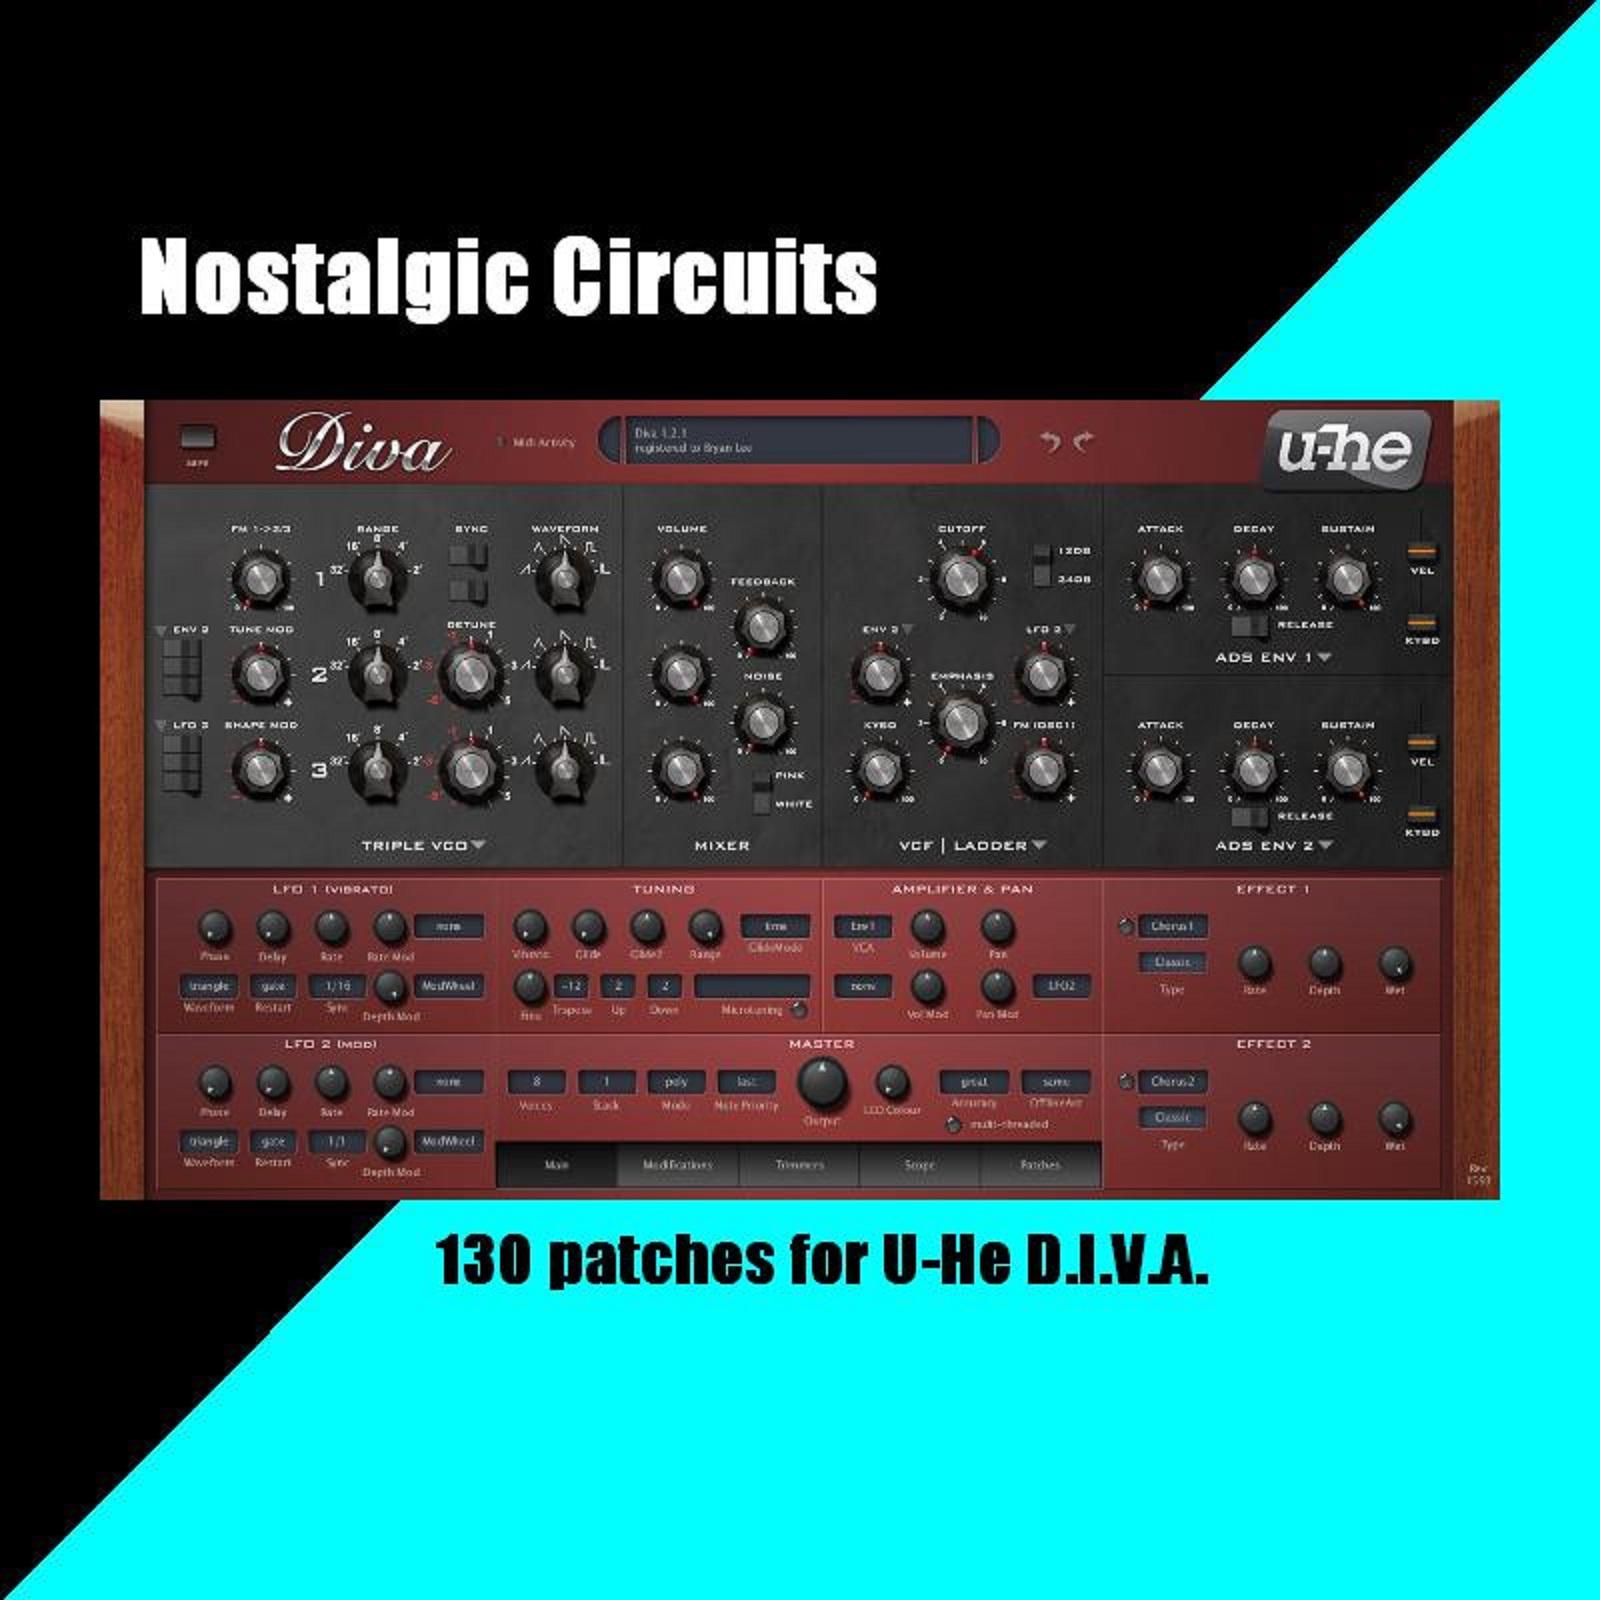 'Nostalgic Circuits' for D.I.V.A.